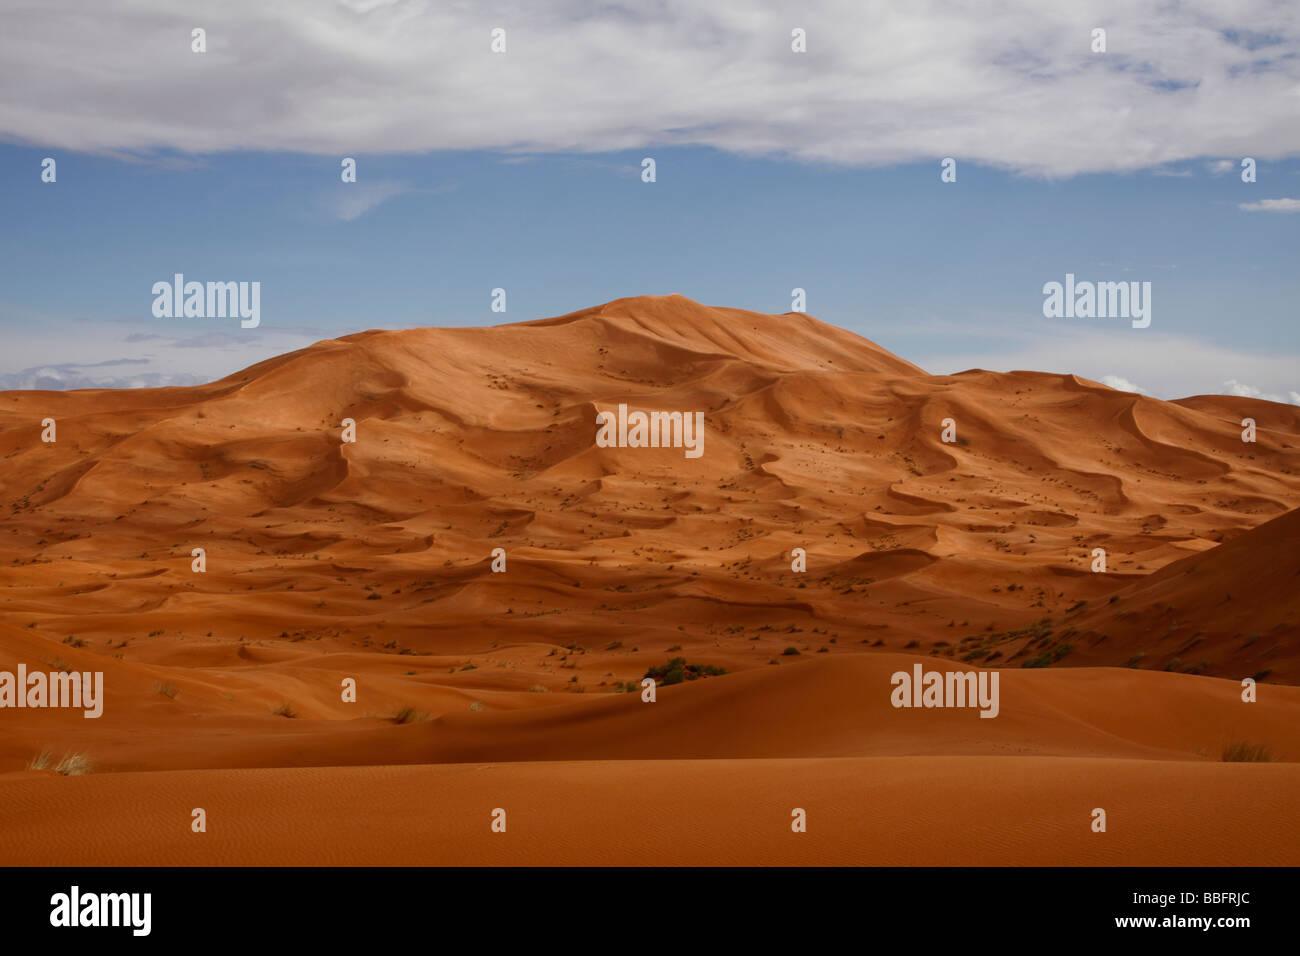 África, África del Norte, Marruecos, el desierto del Sahara, Merzouga, Erg Chebbi Foto de stock